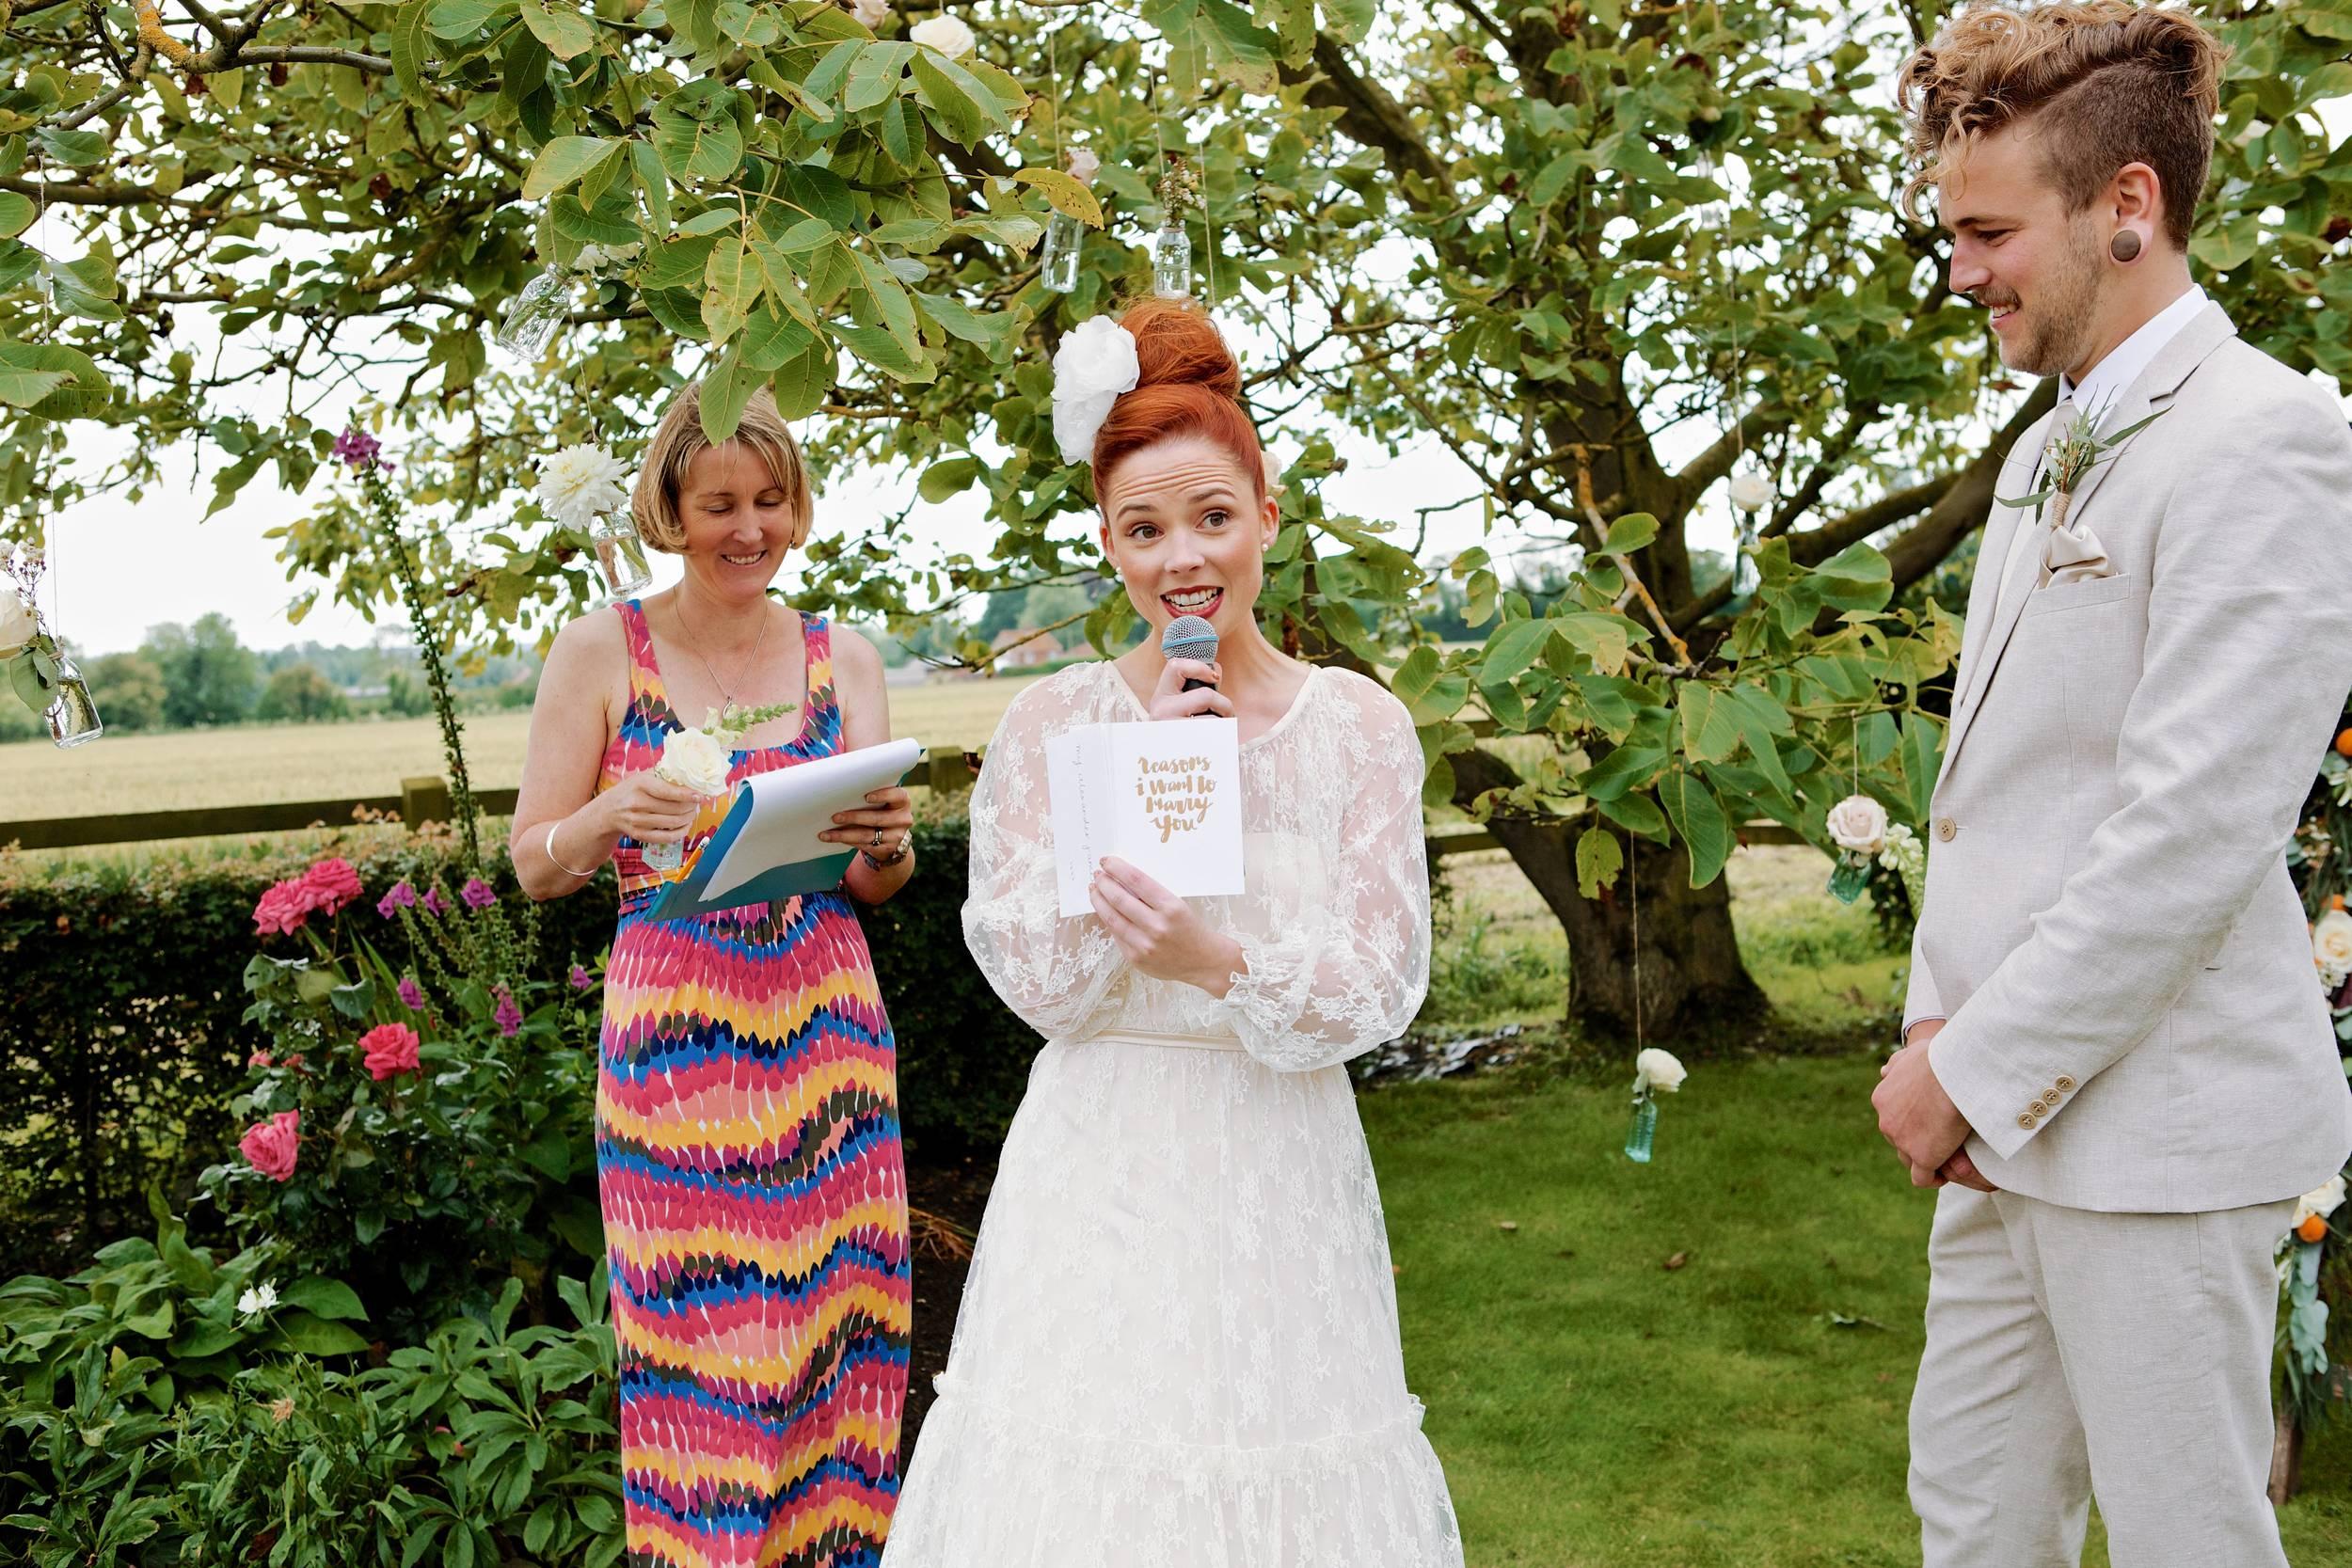 Hill_Wedding_3O5A4953.jpg